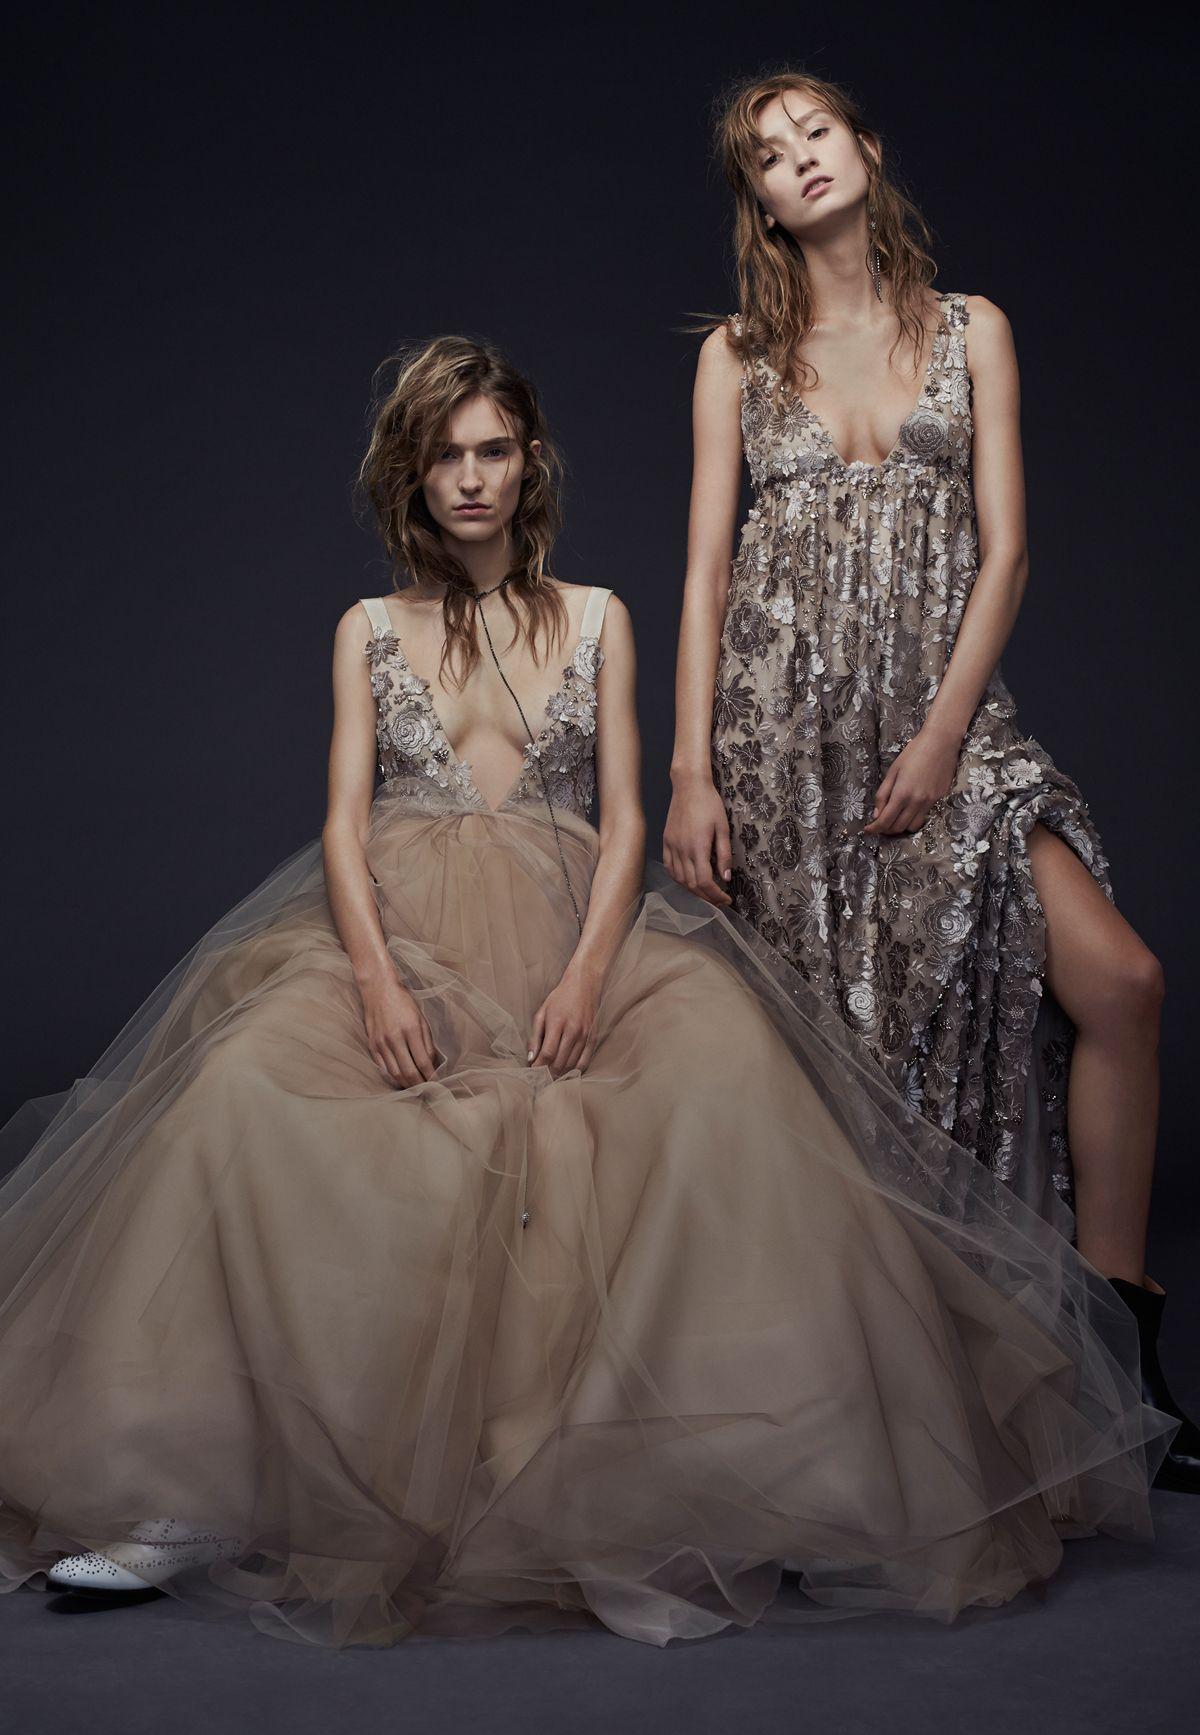 Vera Wang Fall 2015 Bridal Collection | Brides and Weddings ...